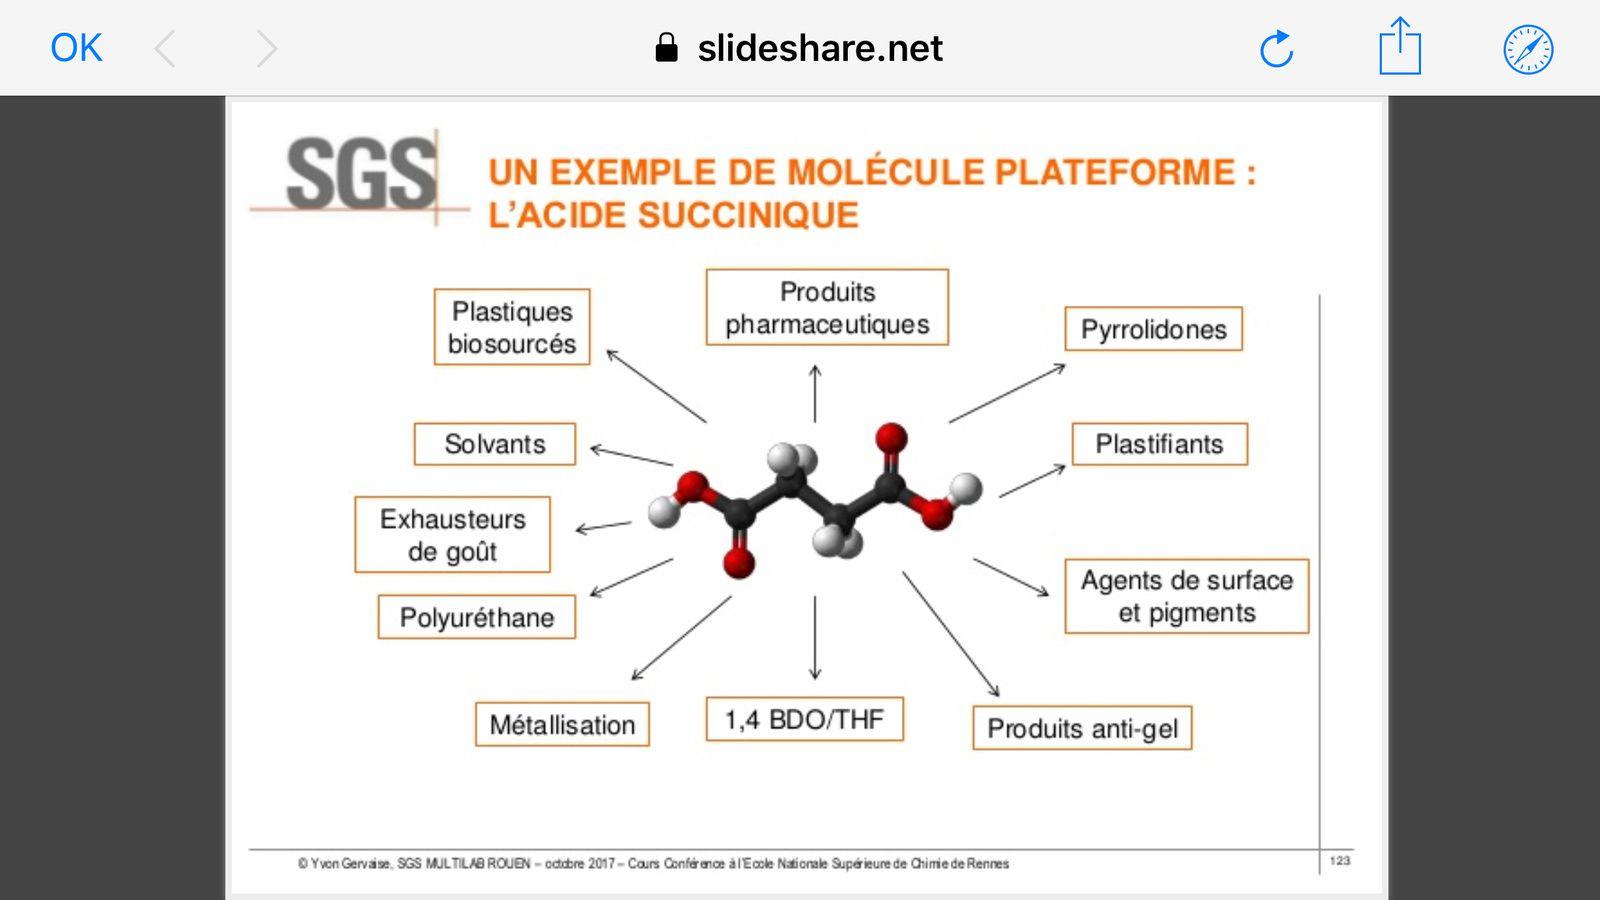 Isolement et analyses des Molecules Biologiques Cours-Conference donné à l'ENSCR le 20/10/2017